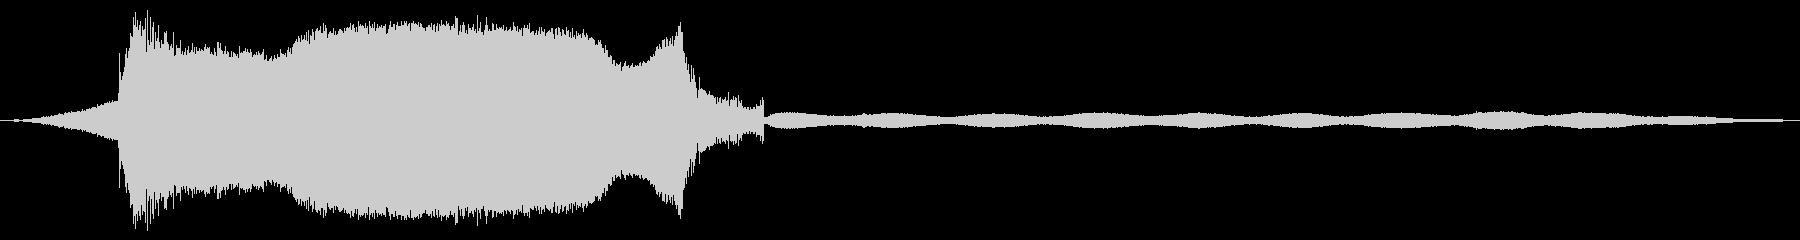 ノイズ出力のあるハードホワイトノイズの未再生の波形